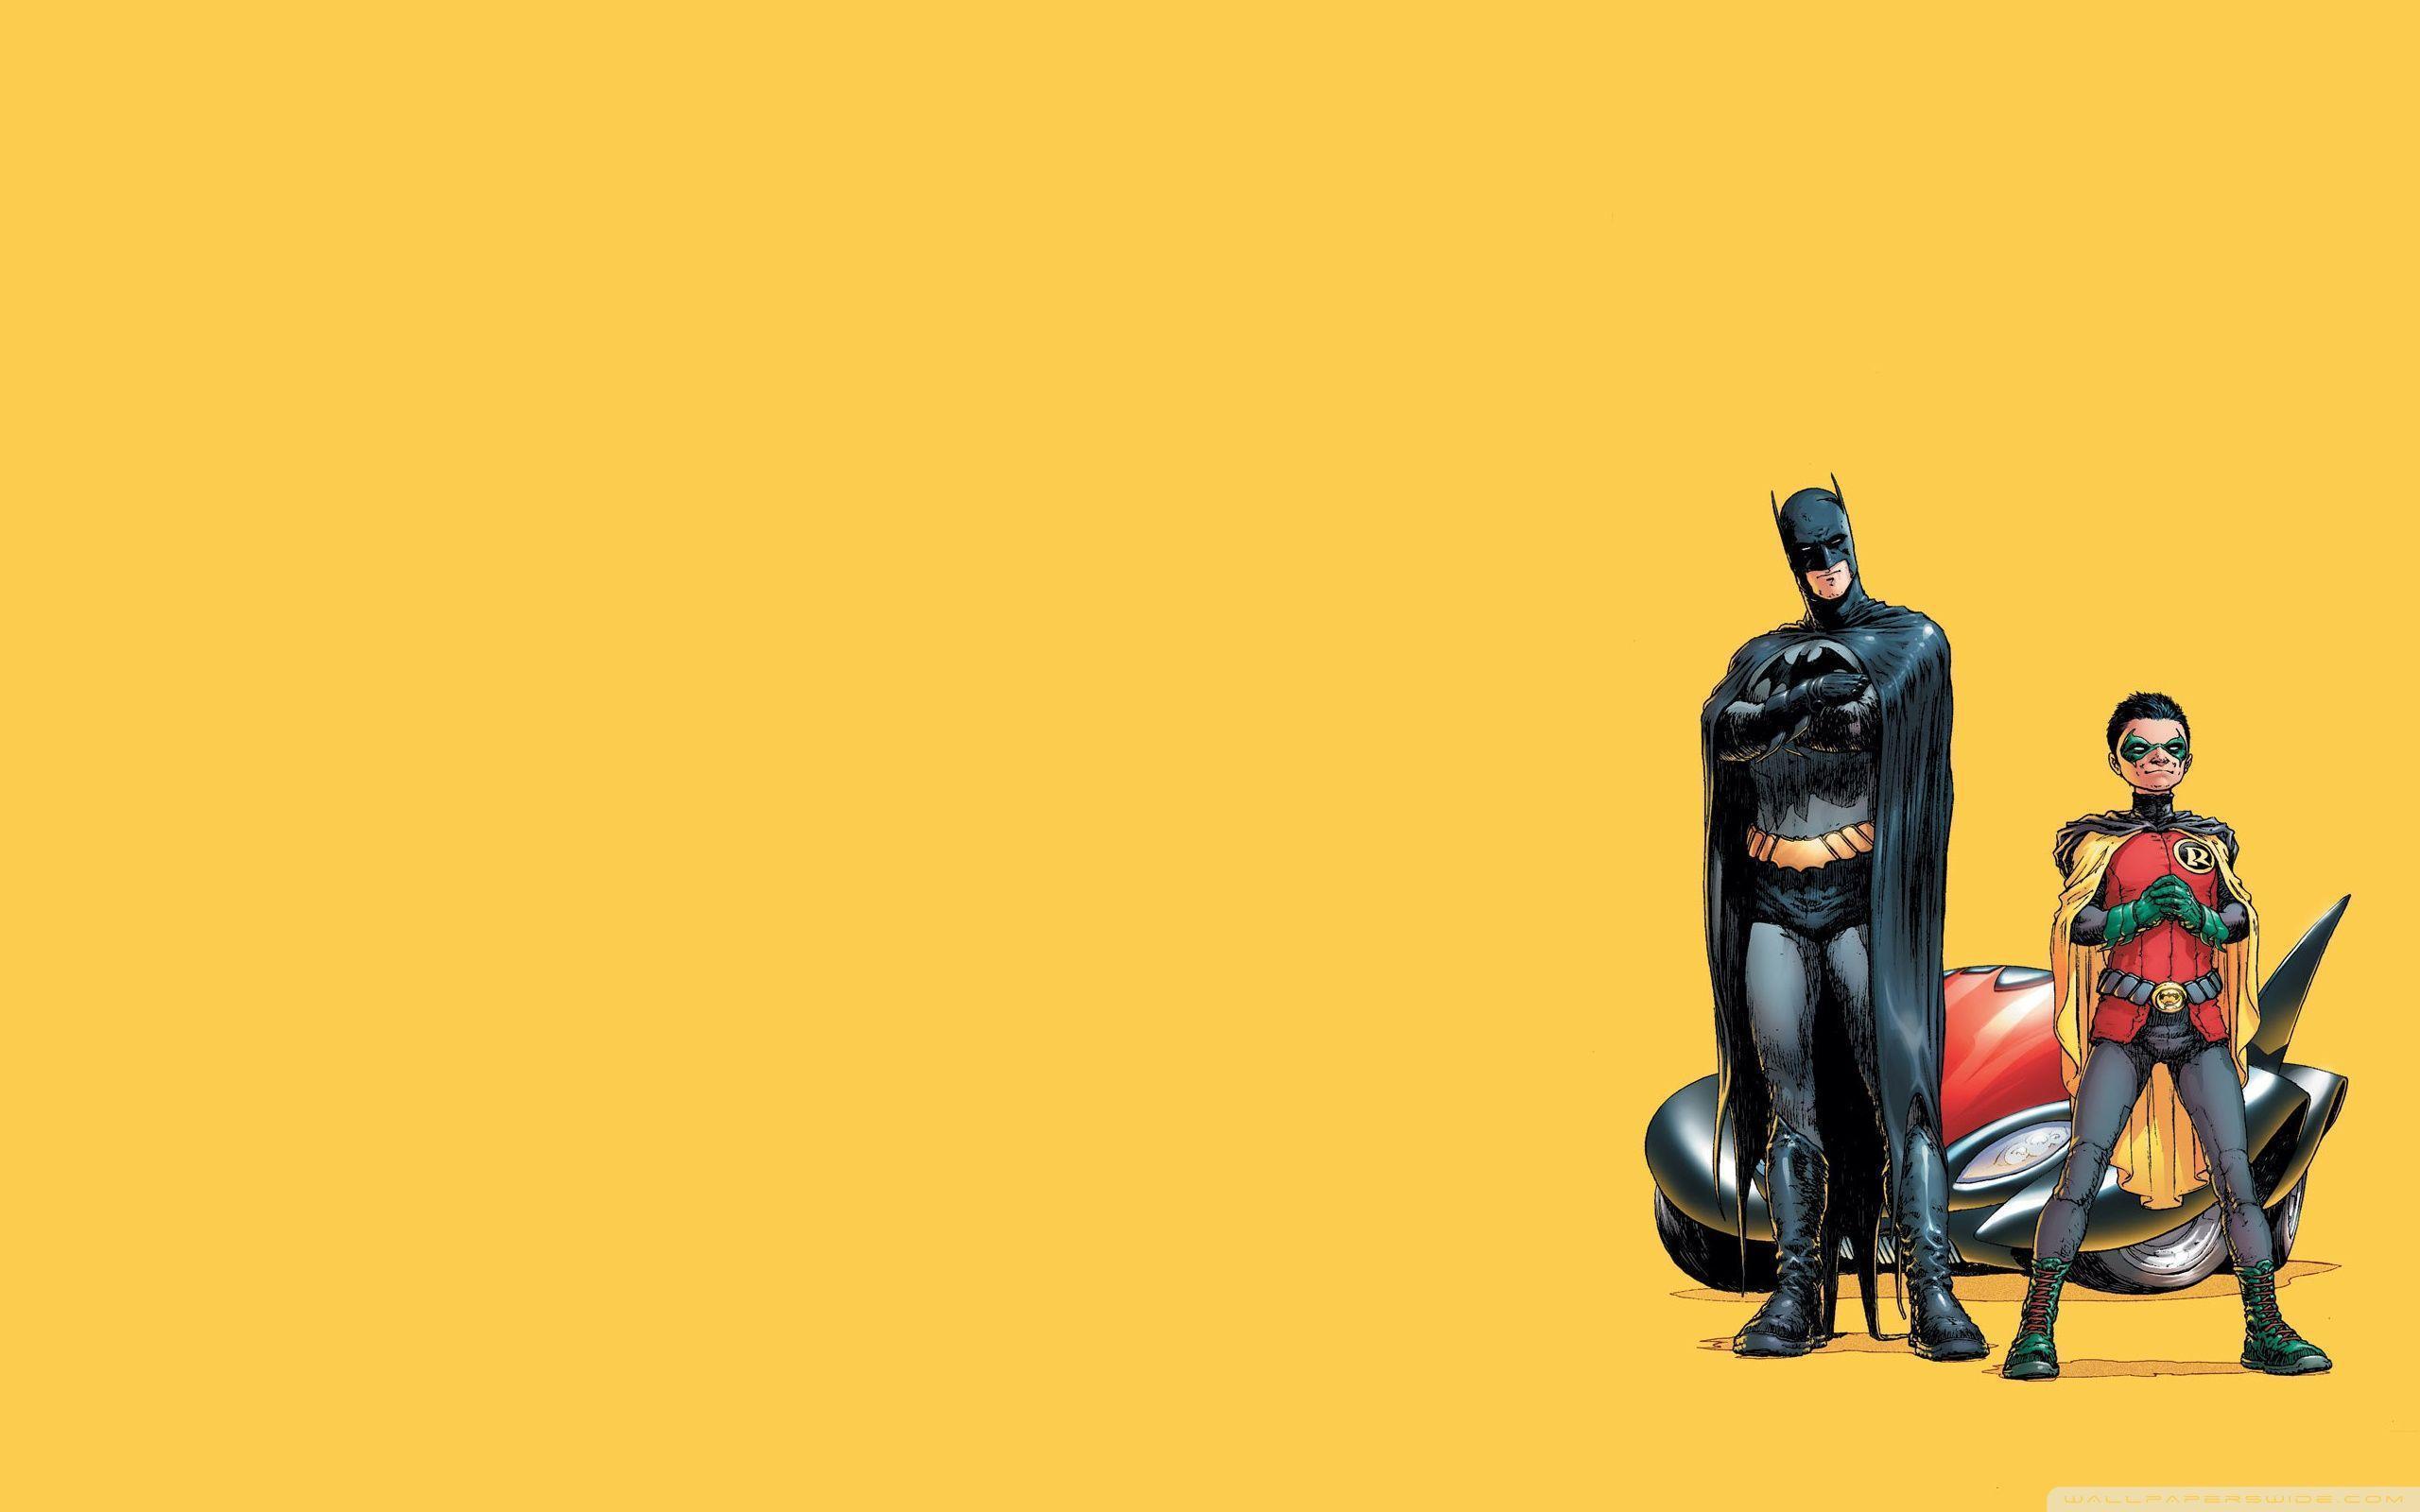 Batman And Robin Cartoon HD desktop wallpaper : High Definition ...